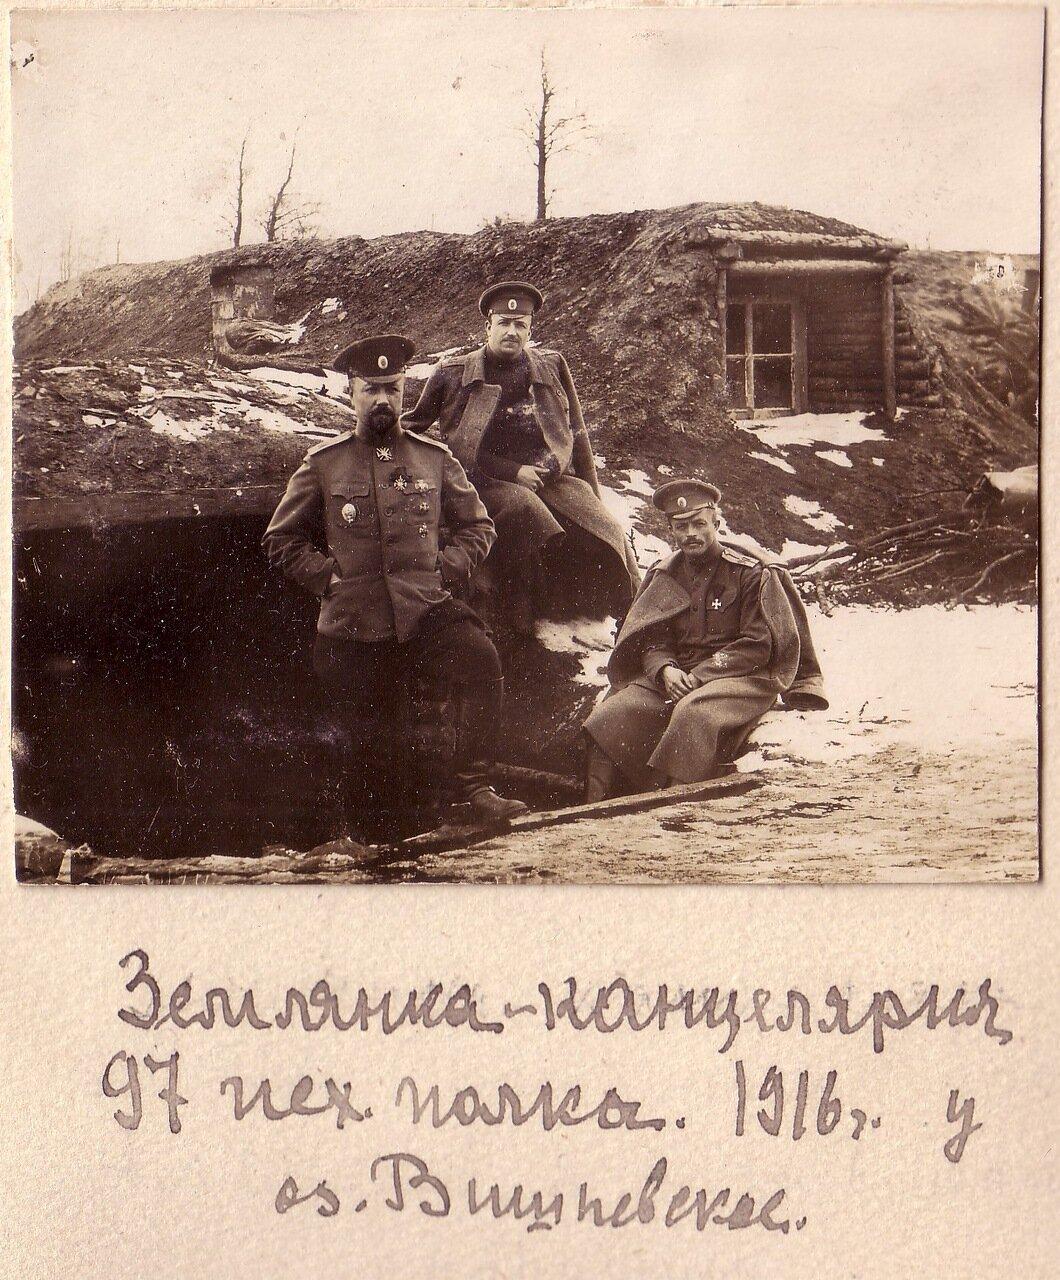 Землянка-канцелярия  97 пехотного полка у оз Вишневское.1916